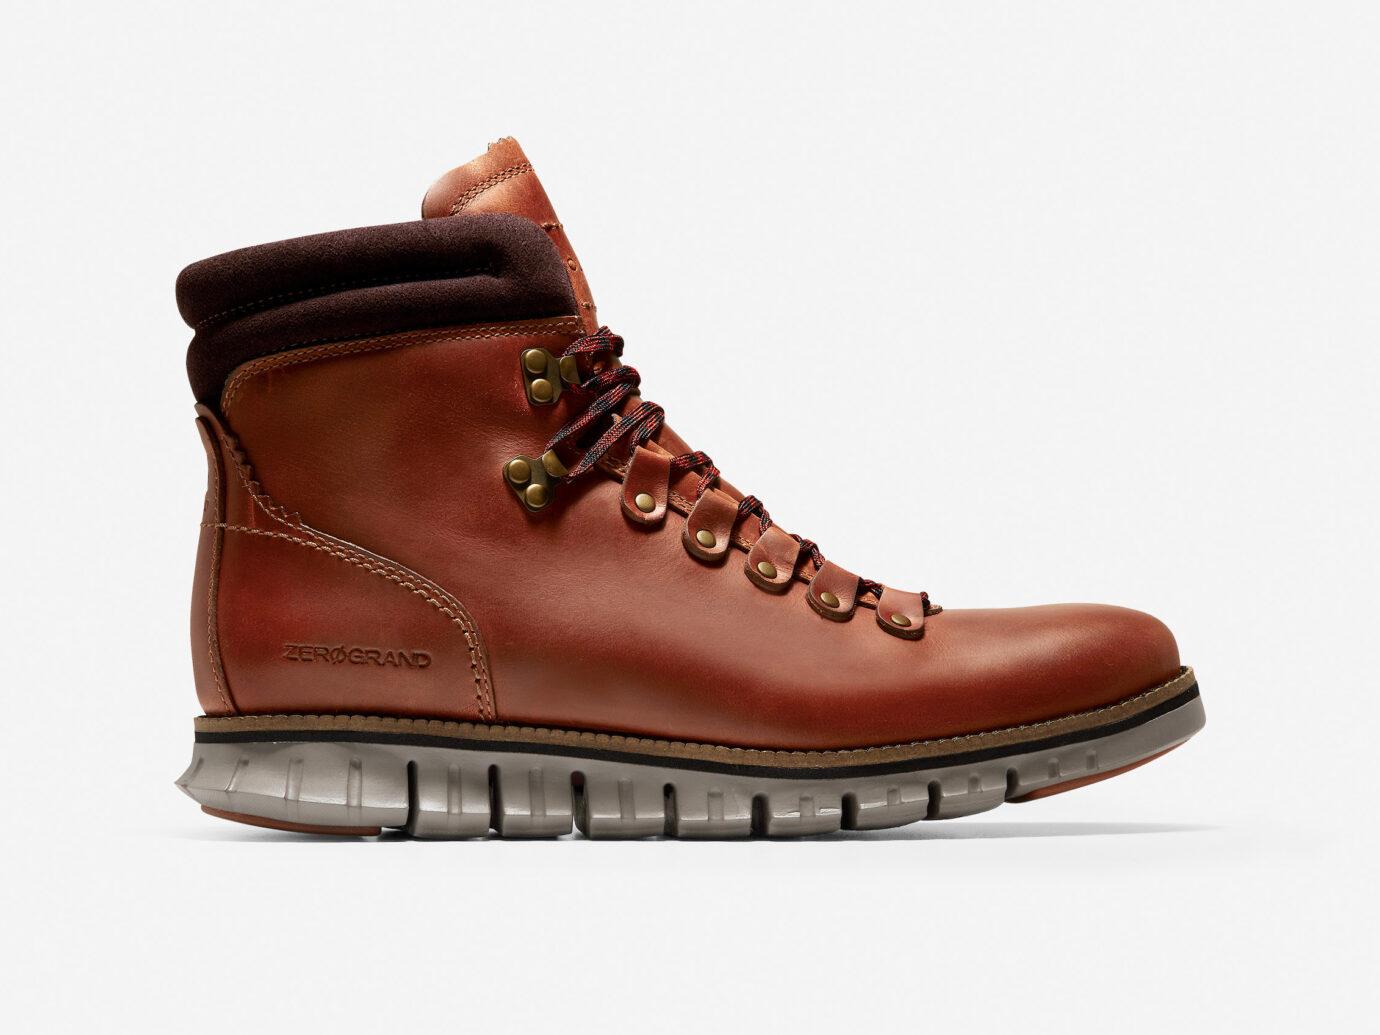 Cole Haan ZERØGRAND Hiker Boot